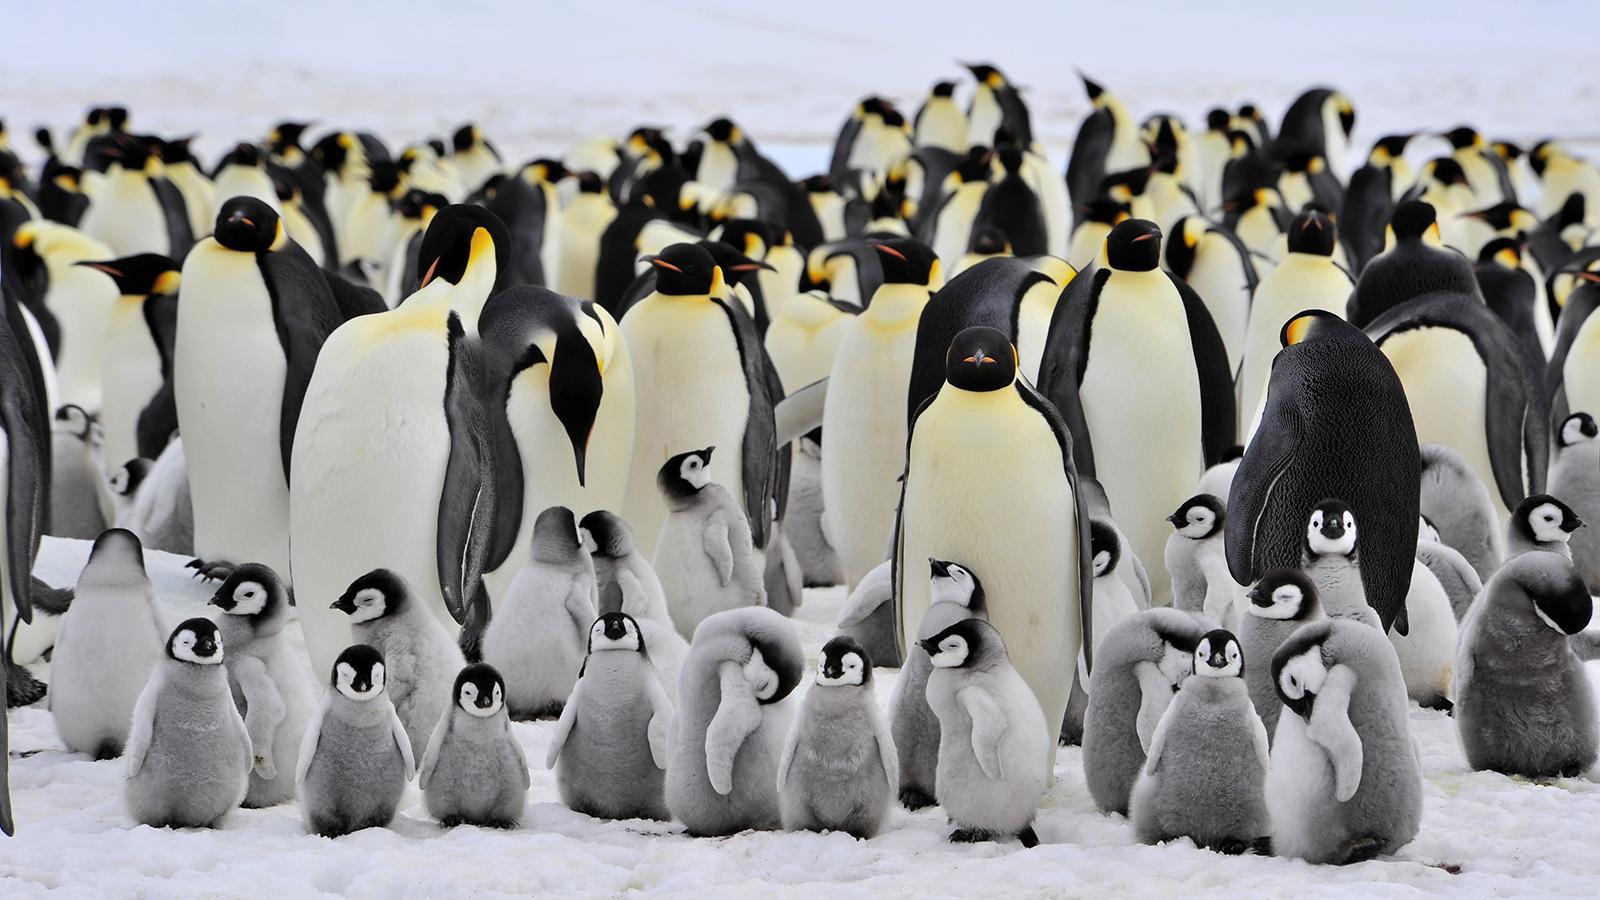 Emperor Penguin Backgrounds, Compatible - PC, Mobile, Gadgets| 1600x900 px